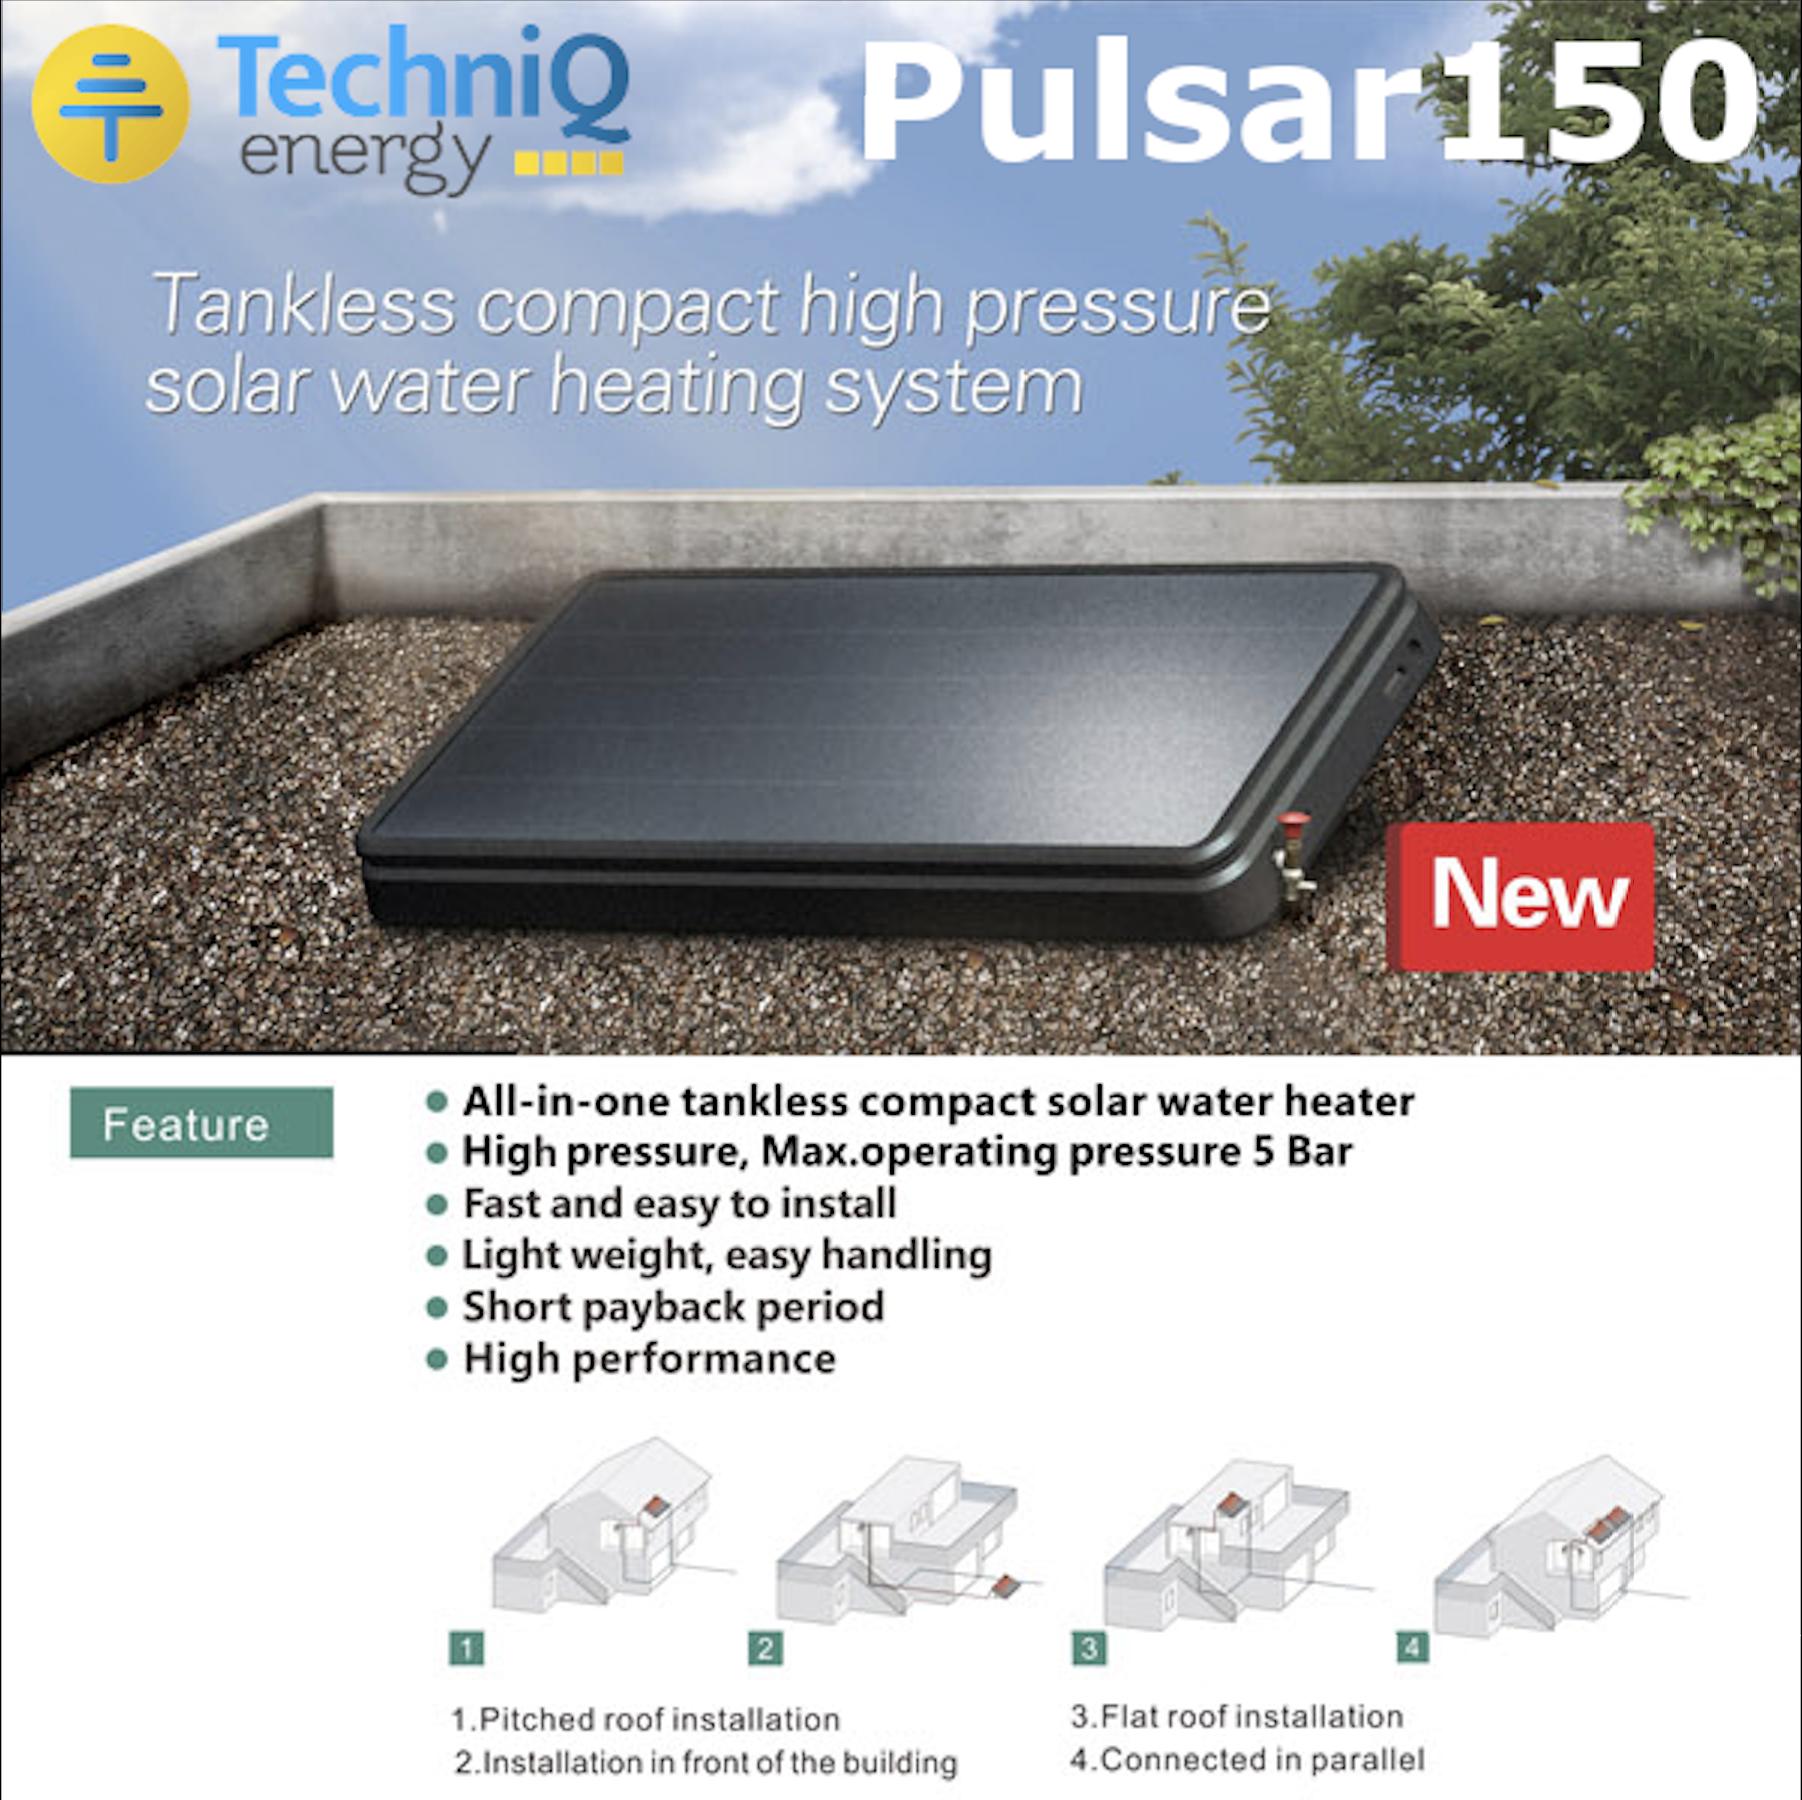 Nieuw: De Pulsar150 off grid zonneboiler van TechniQ Energy